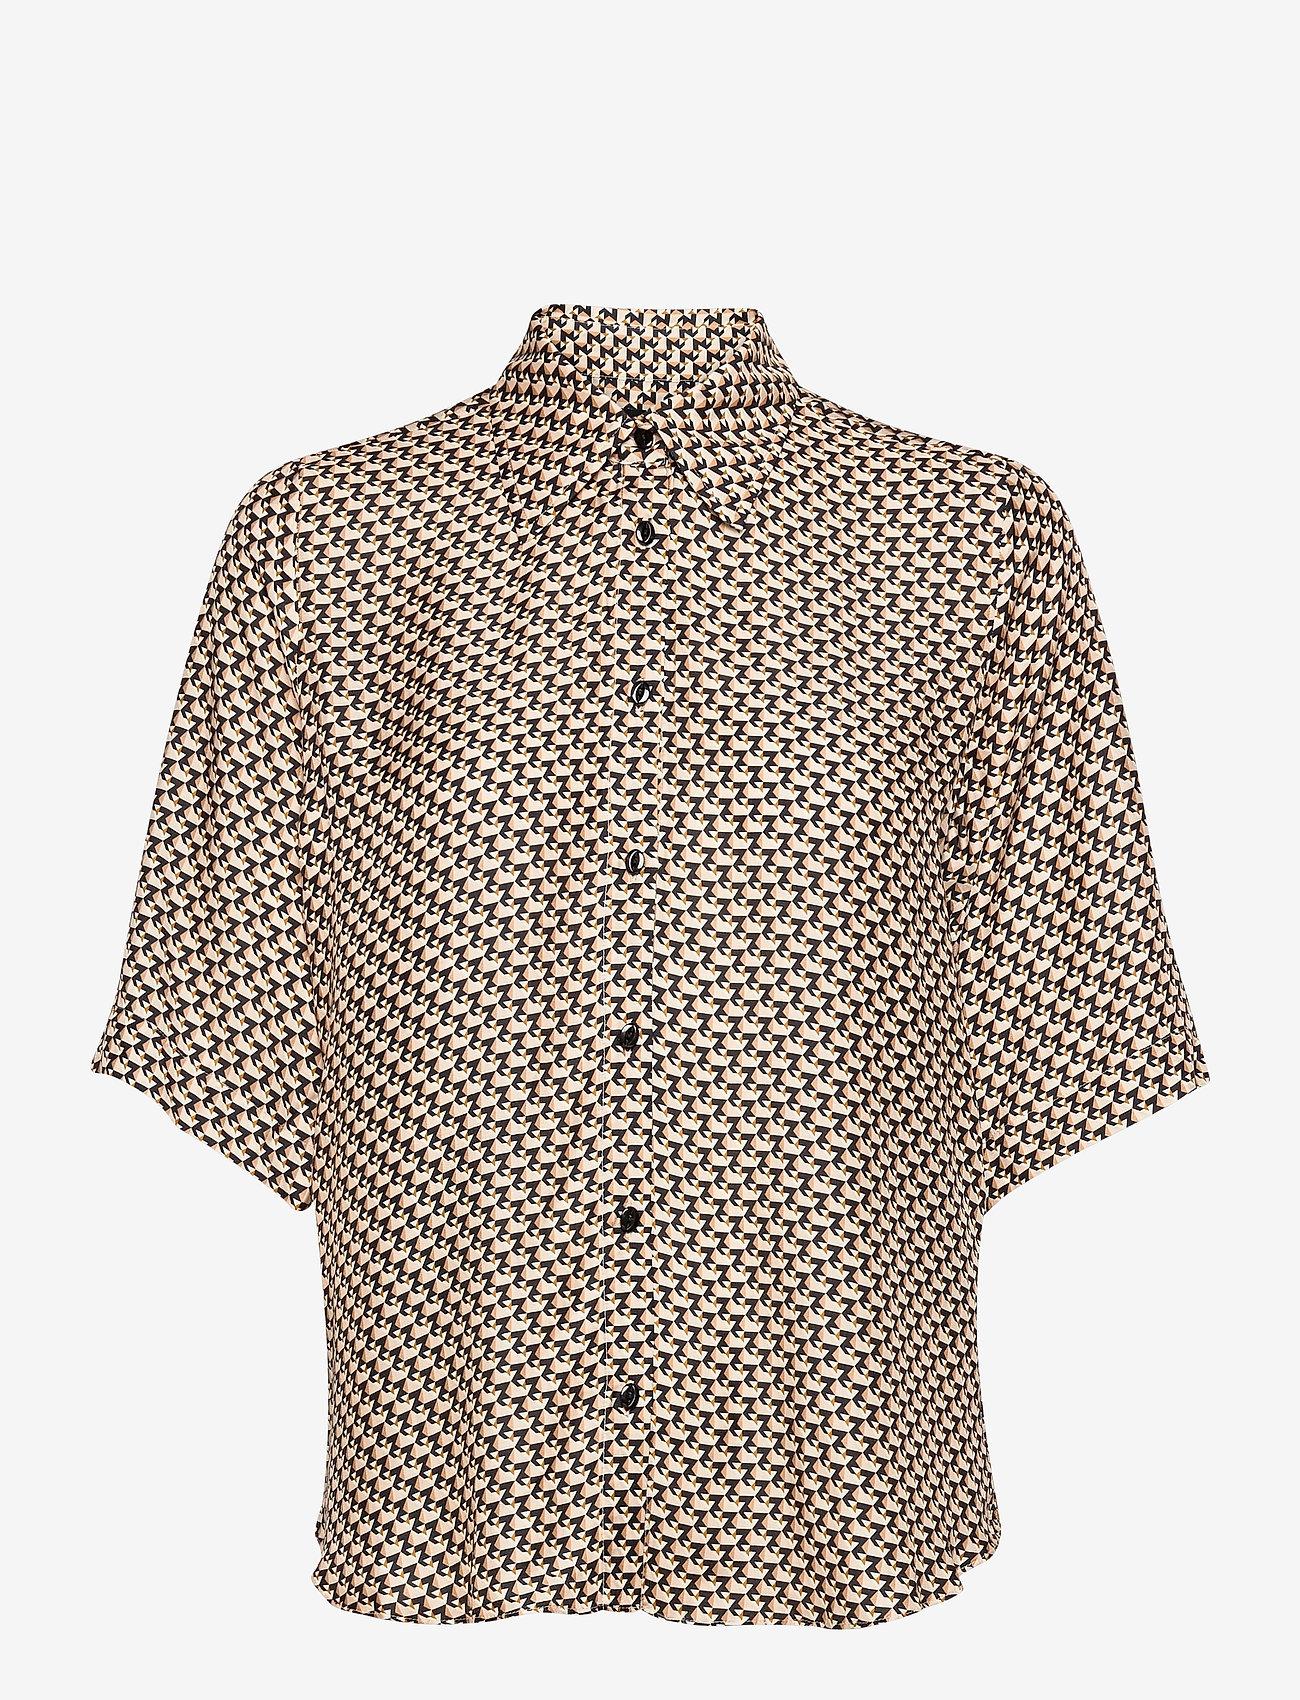 SAND - 3437 - Latia SS - overhemden met korte mouwen - soft pink - 0